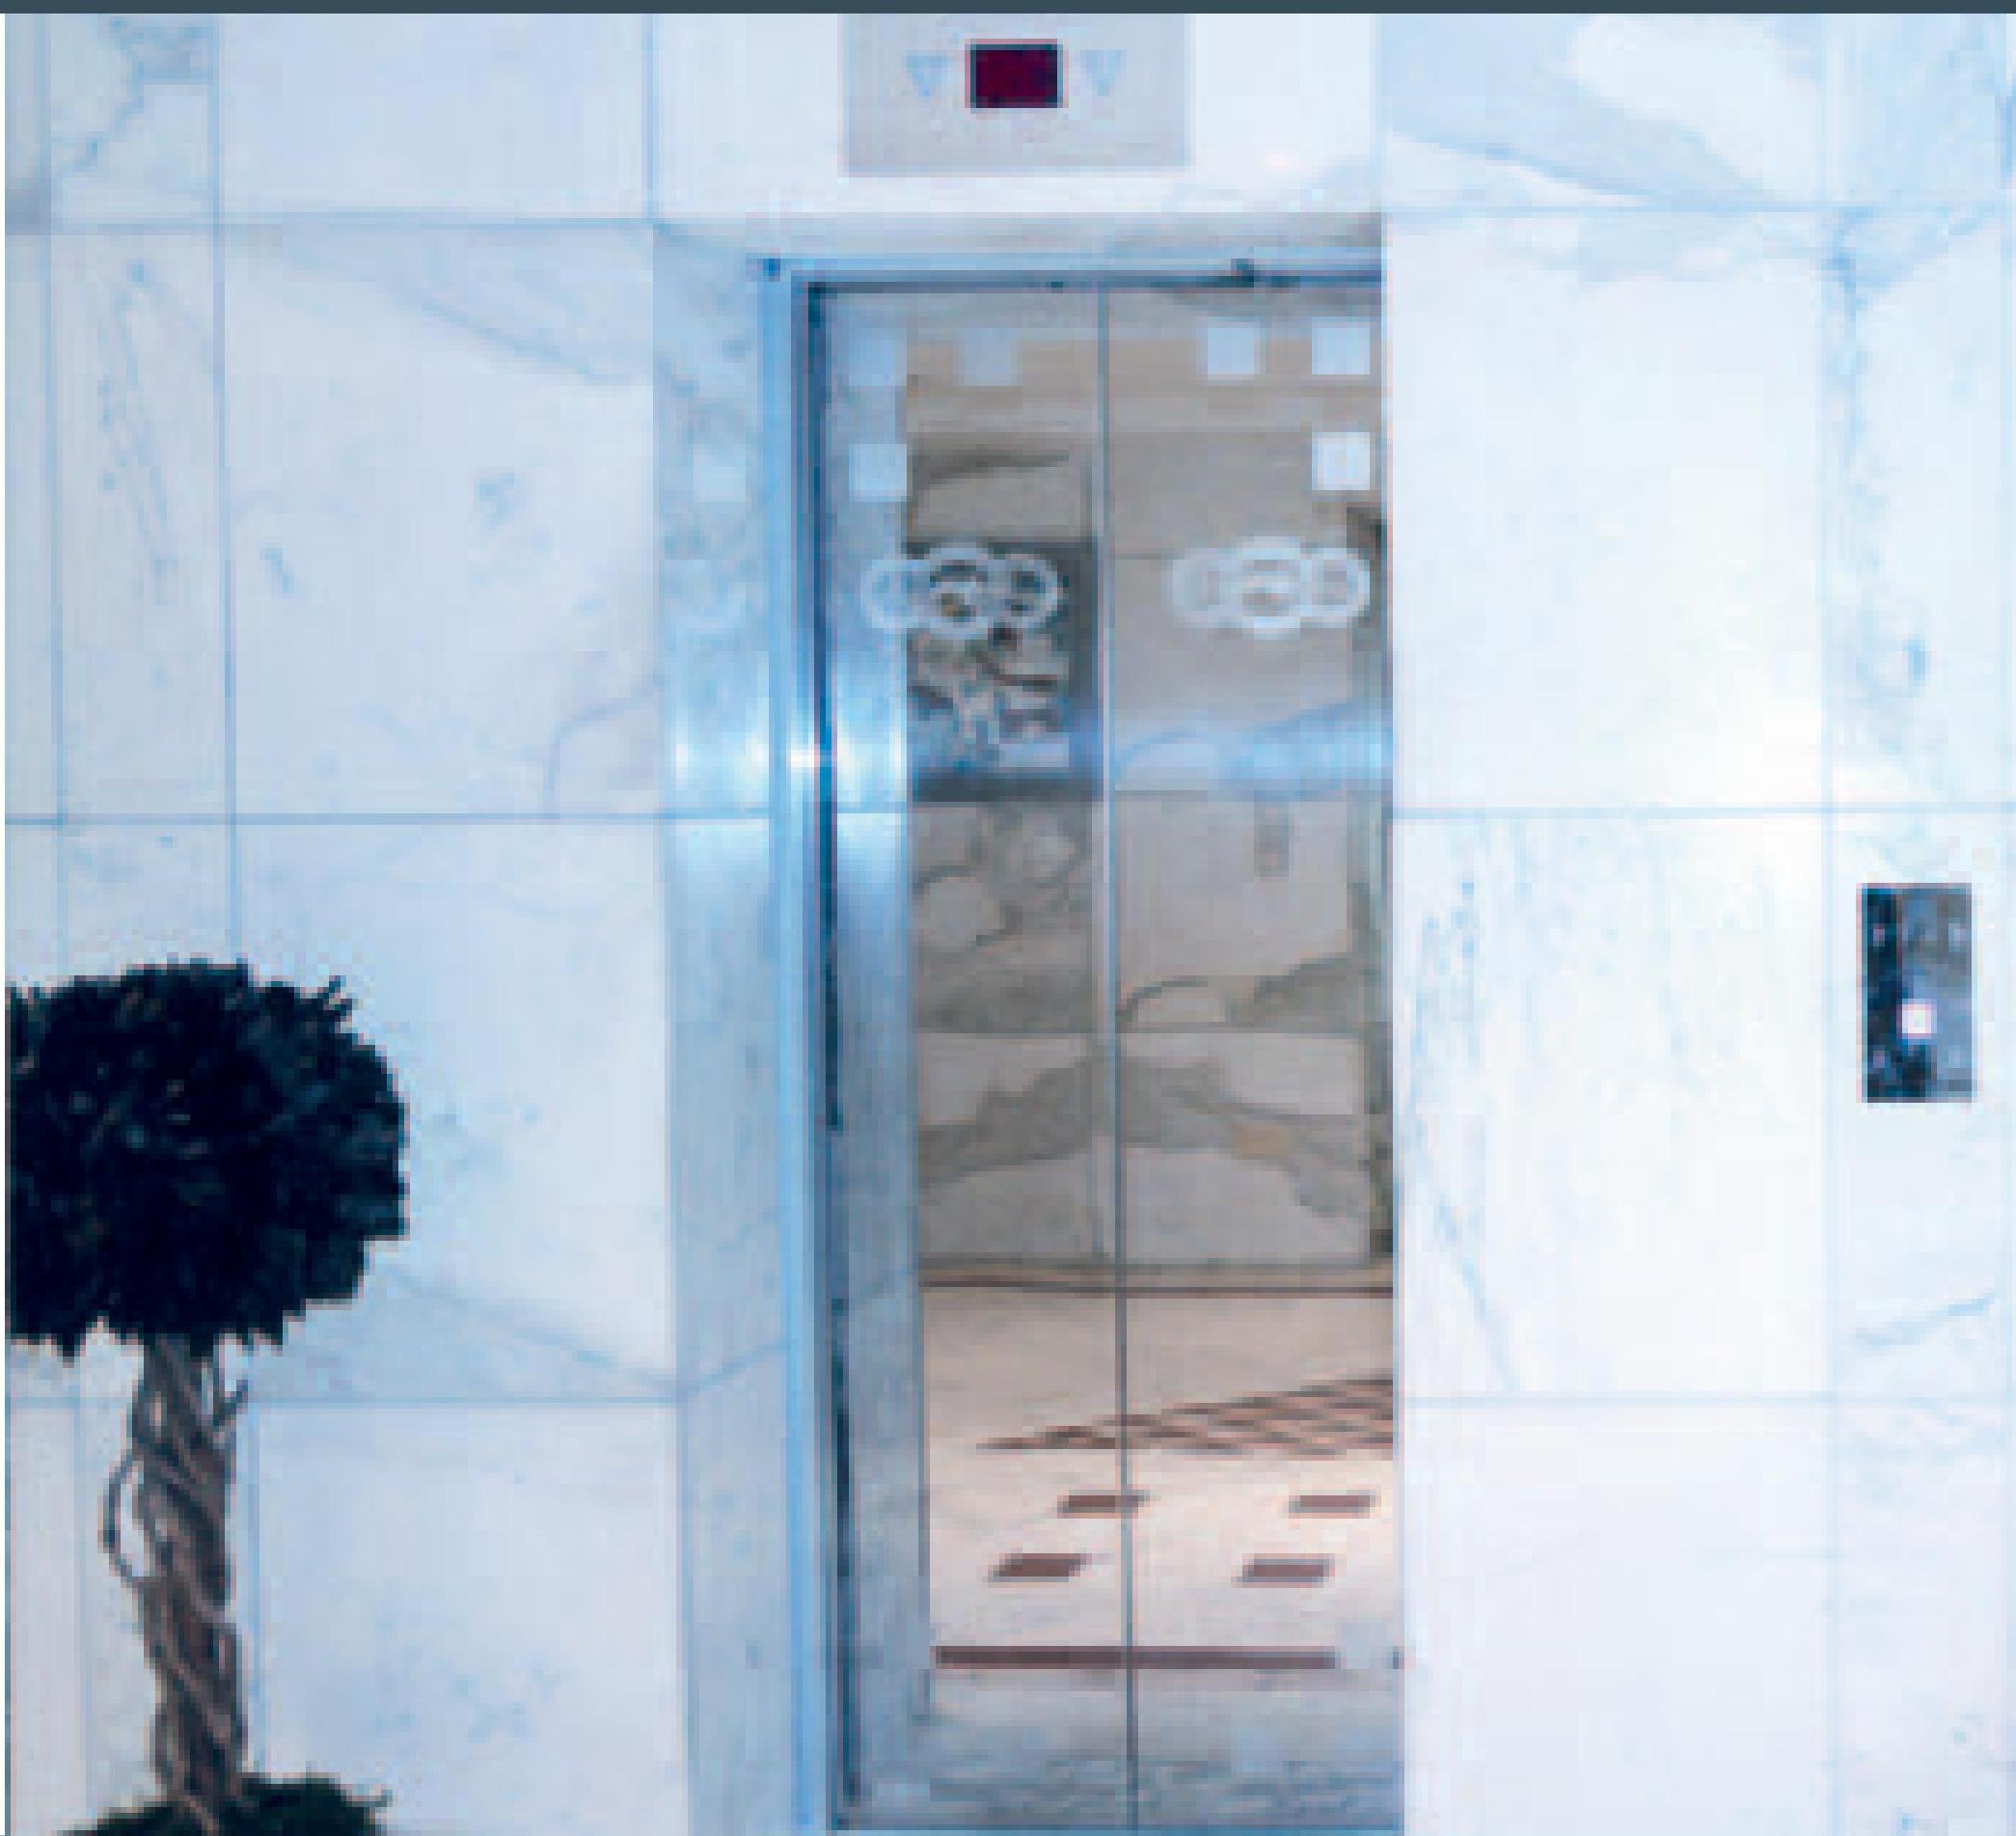 Сколько стоит лифт для средней и большой высоты подъема AMBER